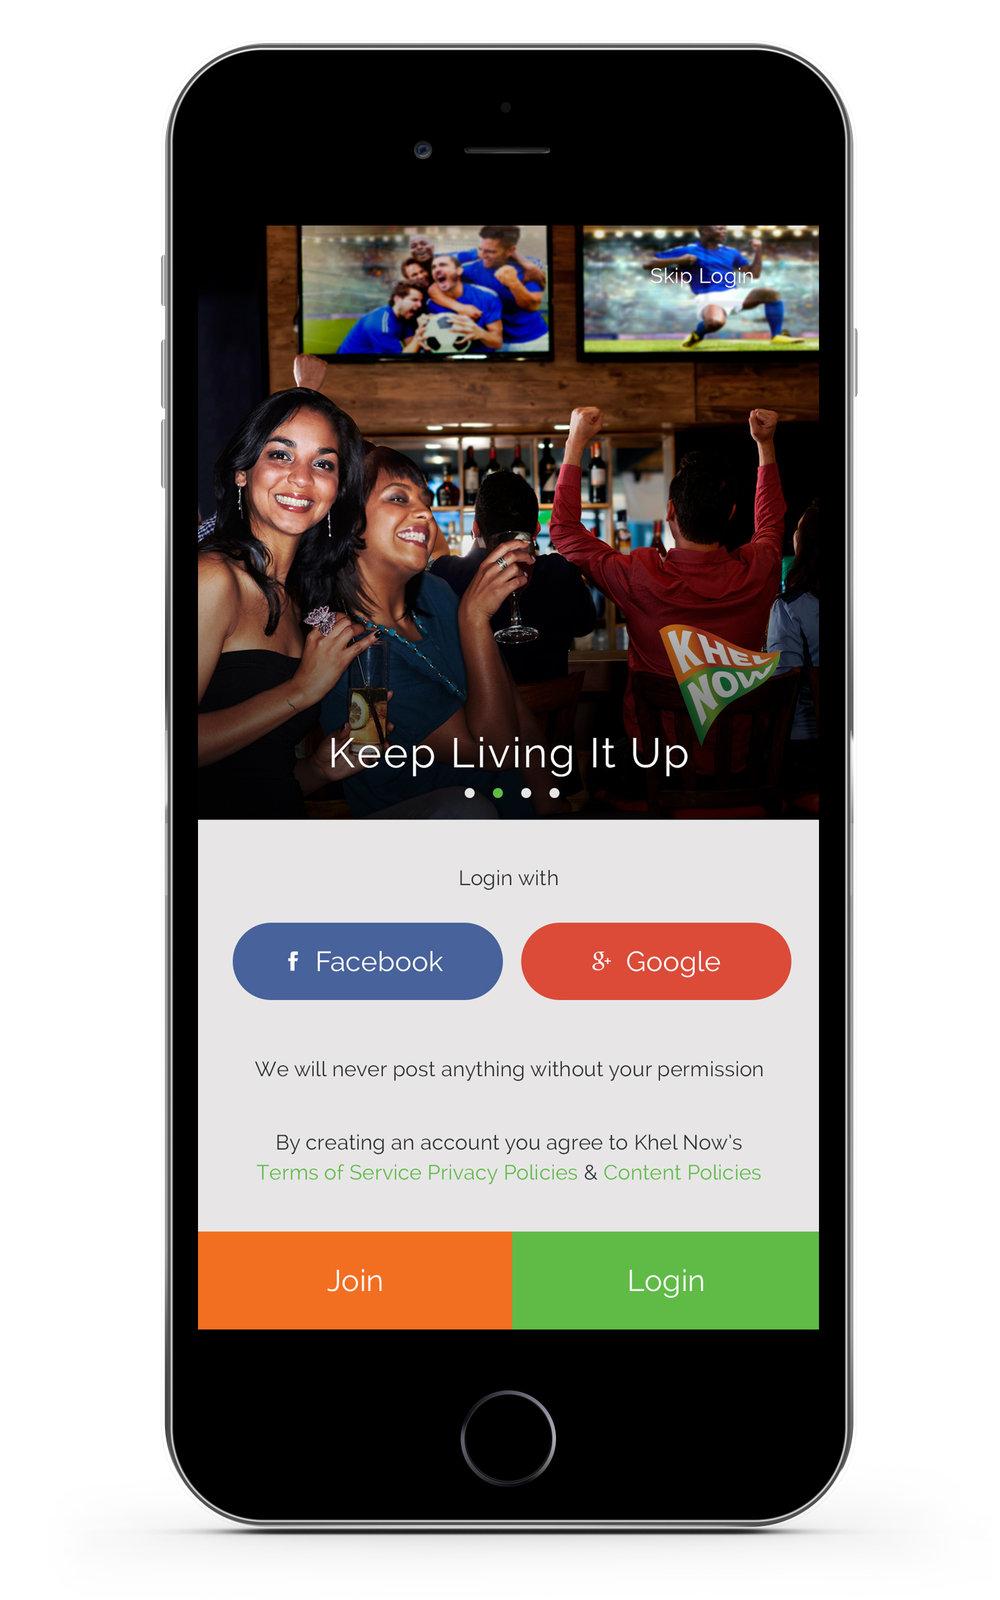 KhelNow_MobileApp_mockup-2.jpg